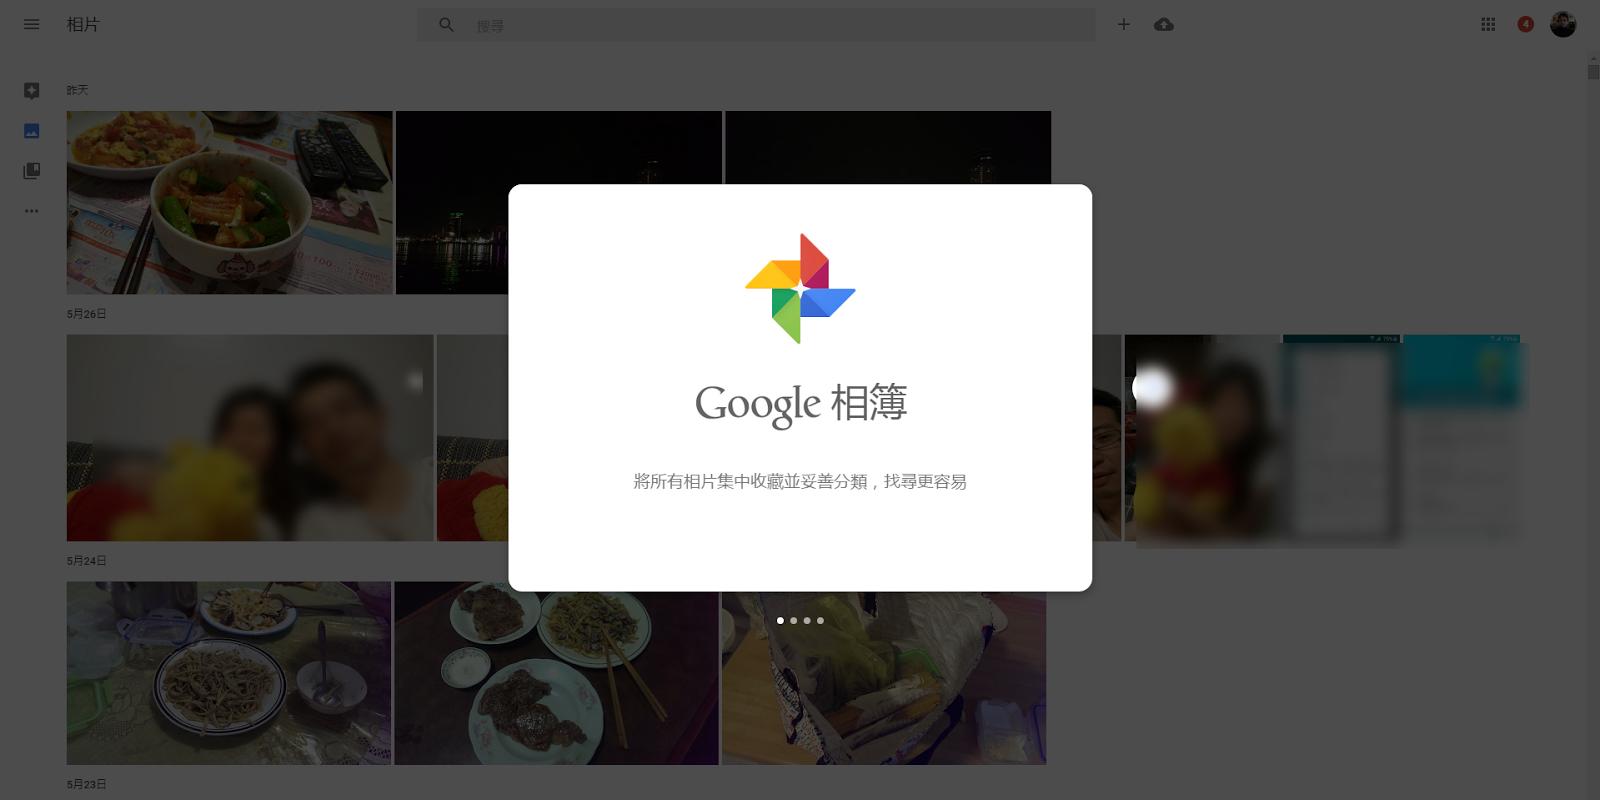 Google 相簿無限容量上傳 1600萬畫素照片 1080p影片